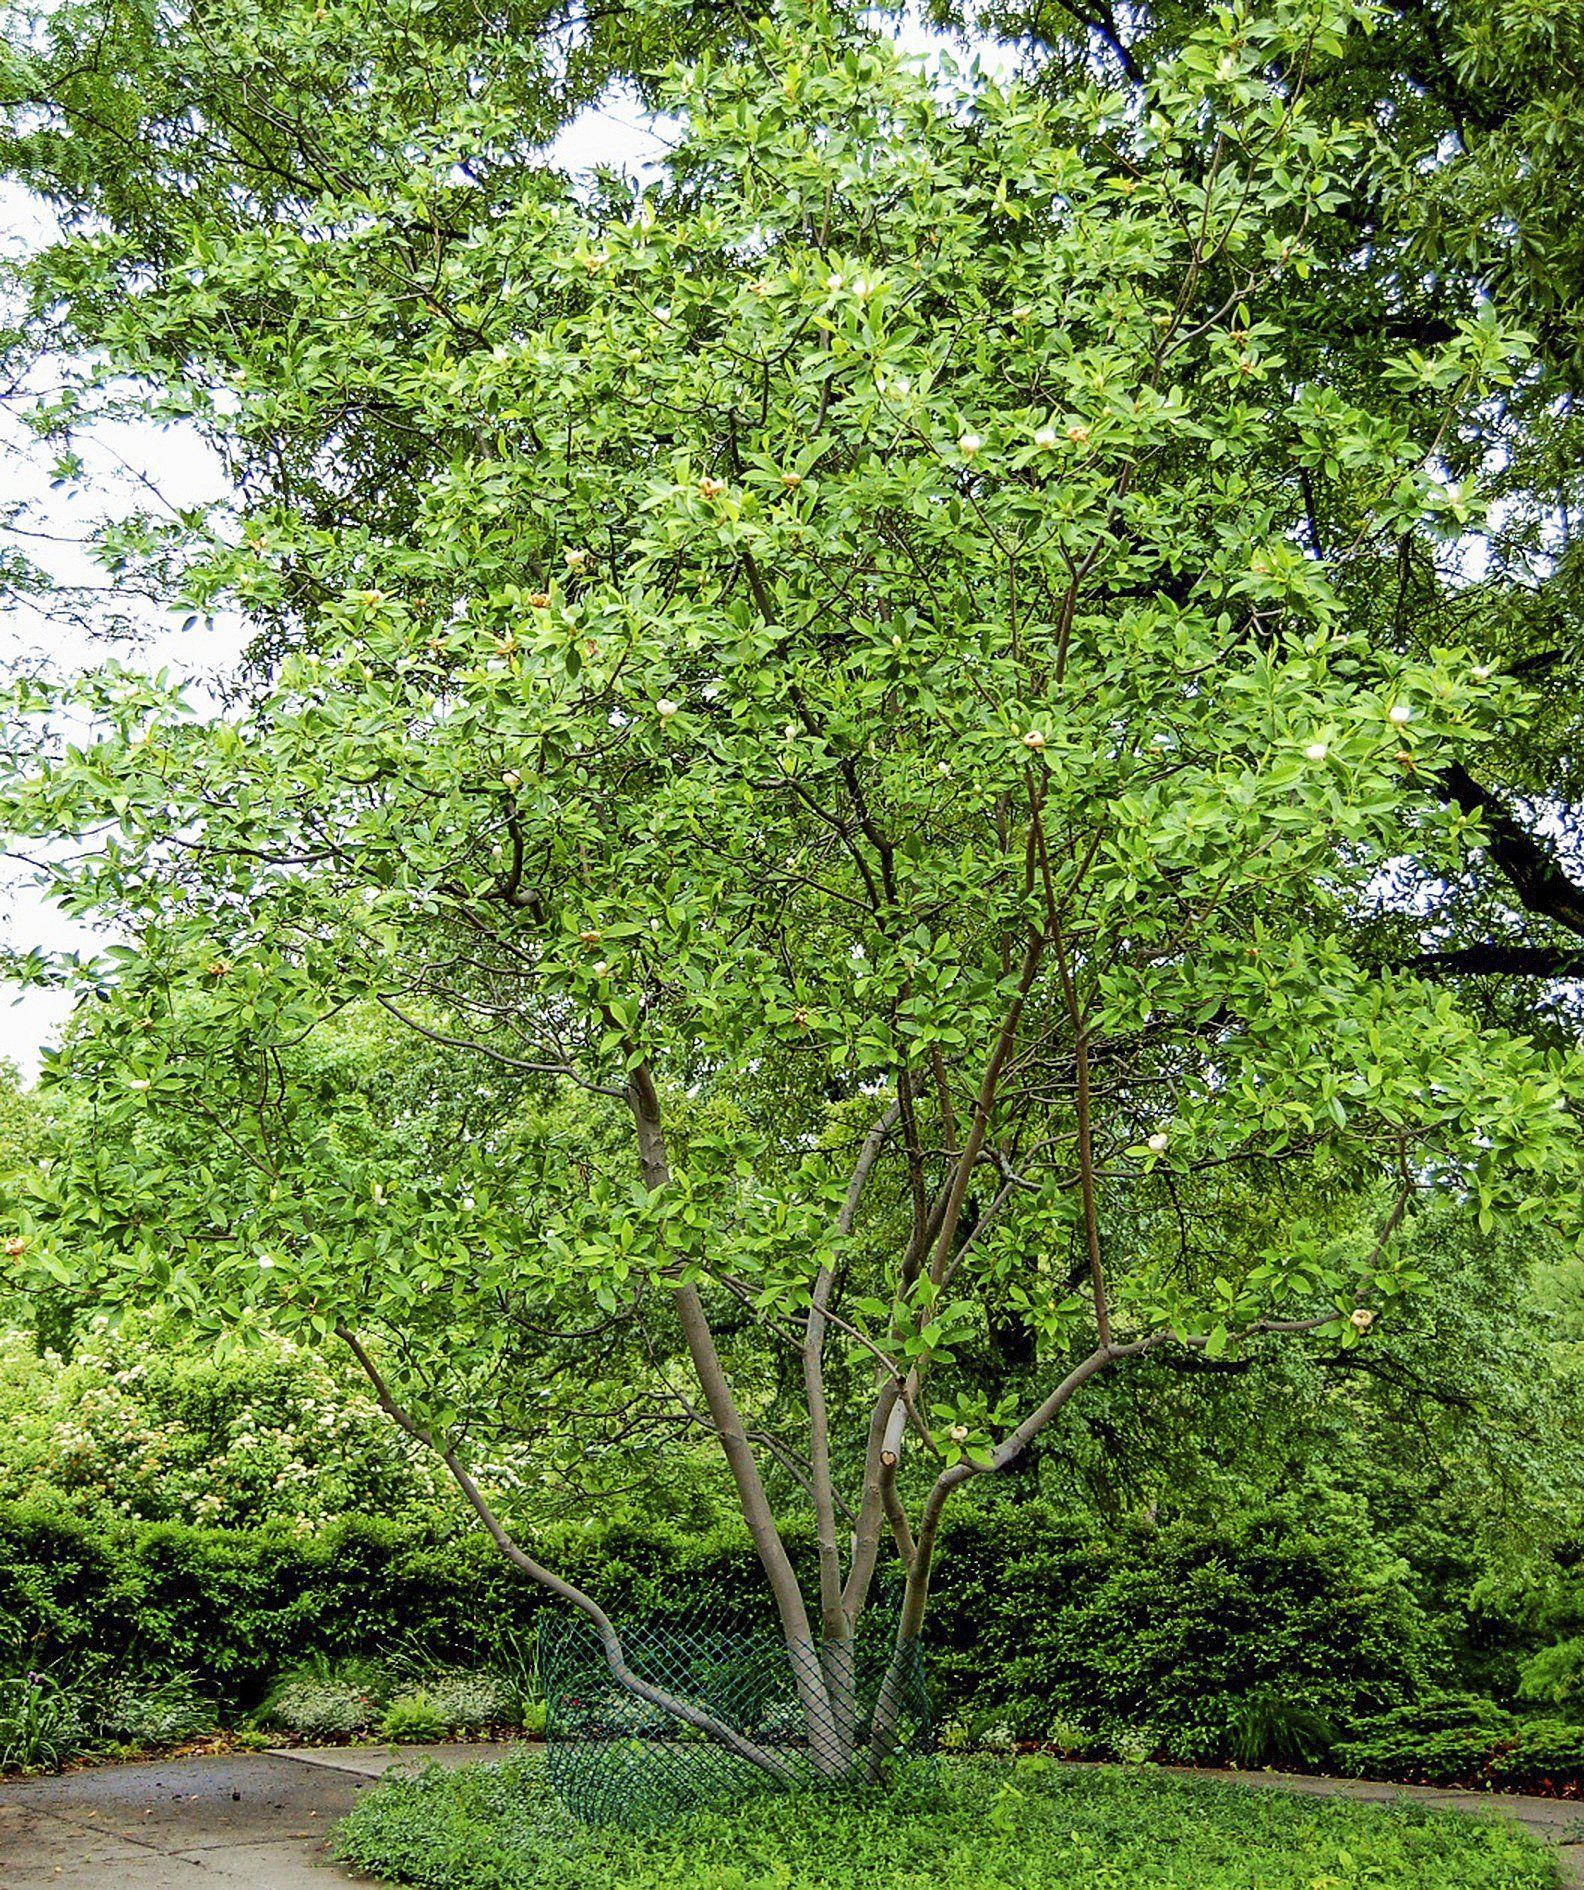 Garden trees for screening  Top  FastGrowing Trees  Birds u Blooms Magazine  garden